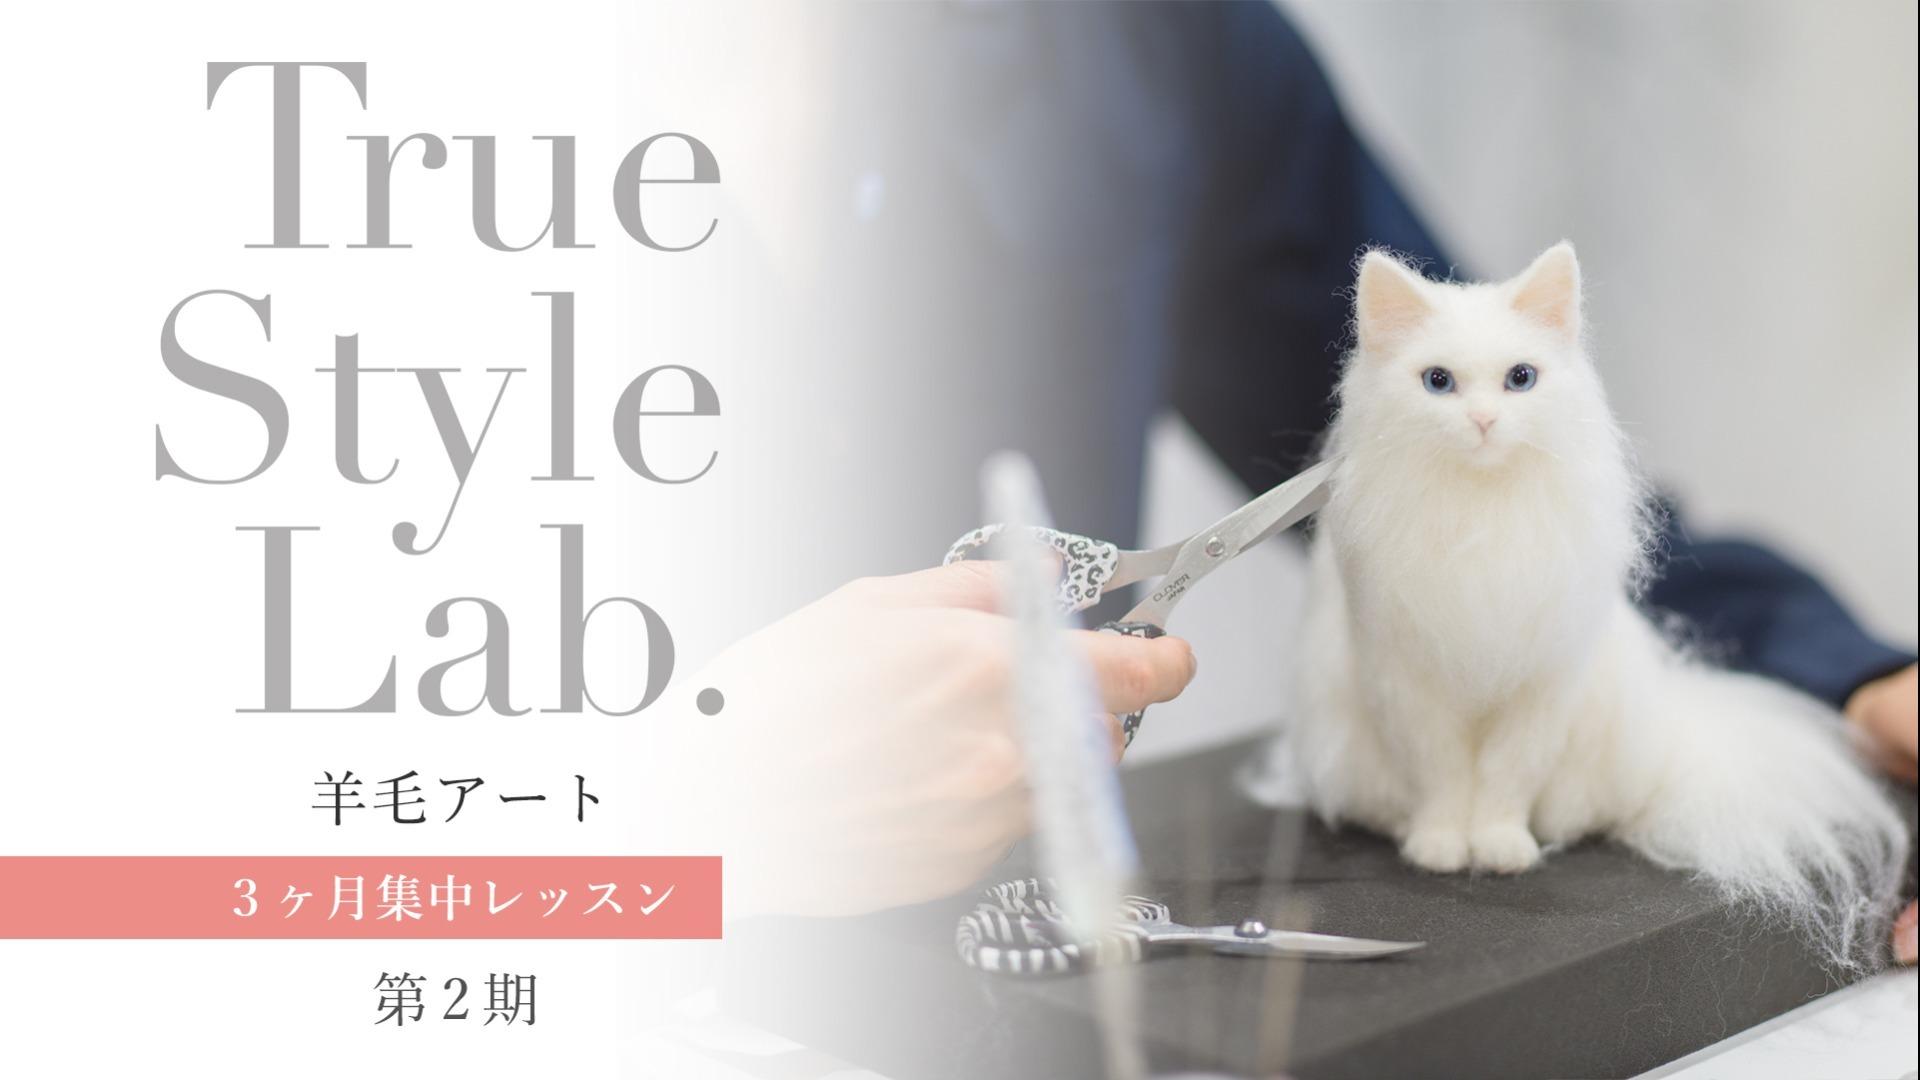 【第二期】 TrueStyleLab. 羊毛アート3ヶ月集中レッスン